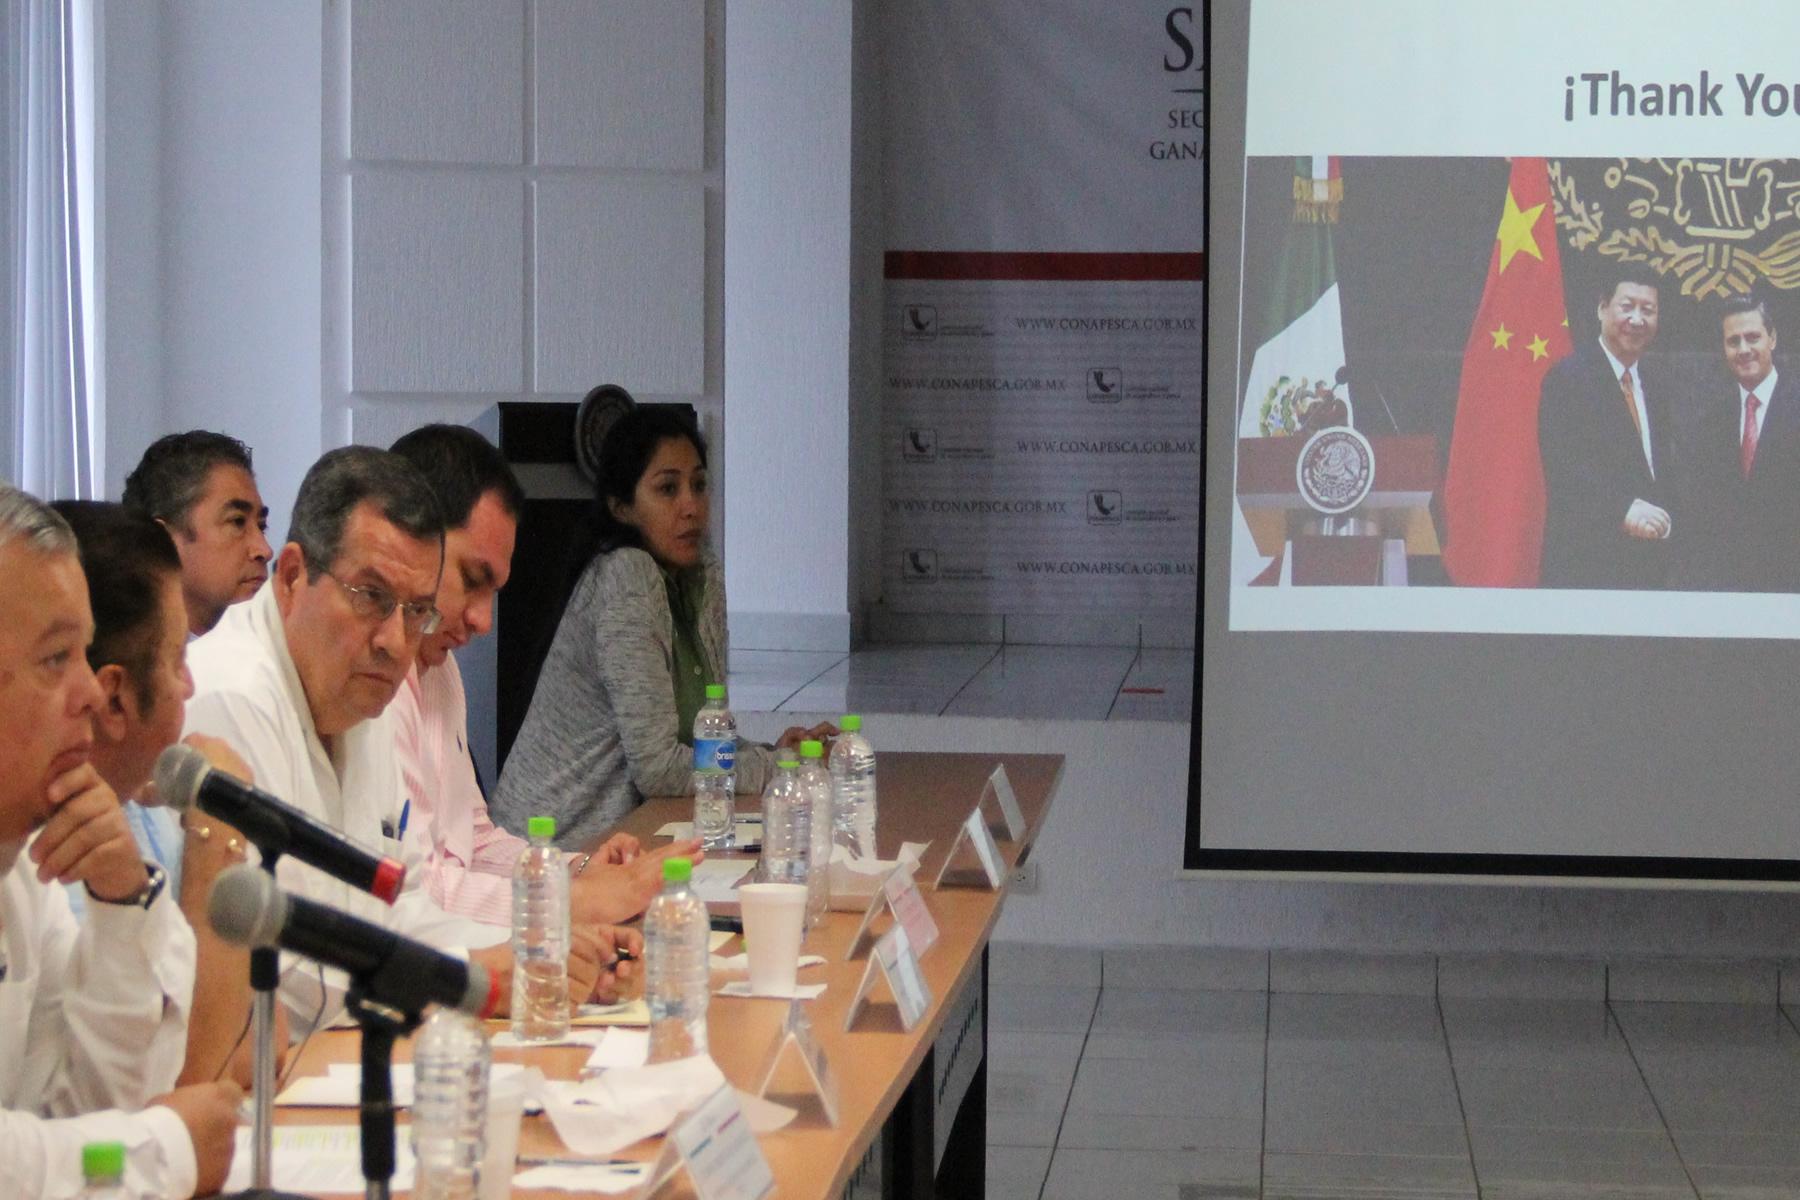 """""""Específicamente, lo referente al manejo de pesquerías, investigación e impulso a la acuacultura, son puntos a privilegiar en materia de cooperación bilateral"""", indicó el comisionado Mario Aguilar."""